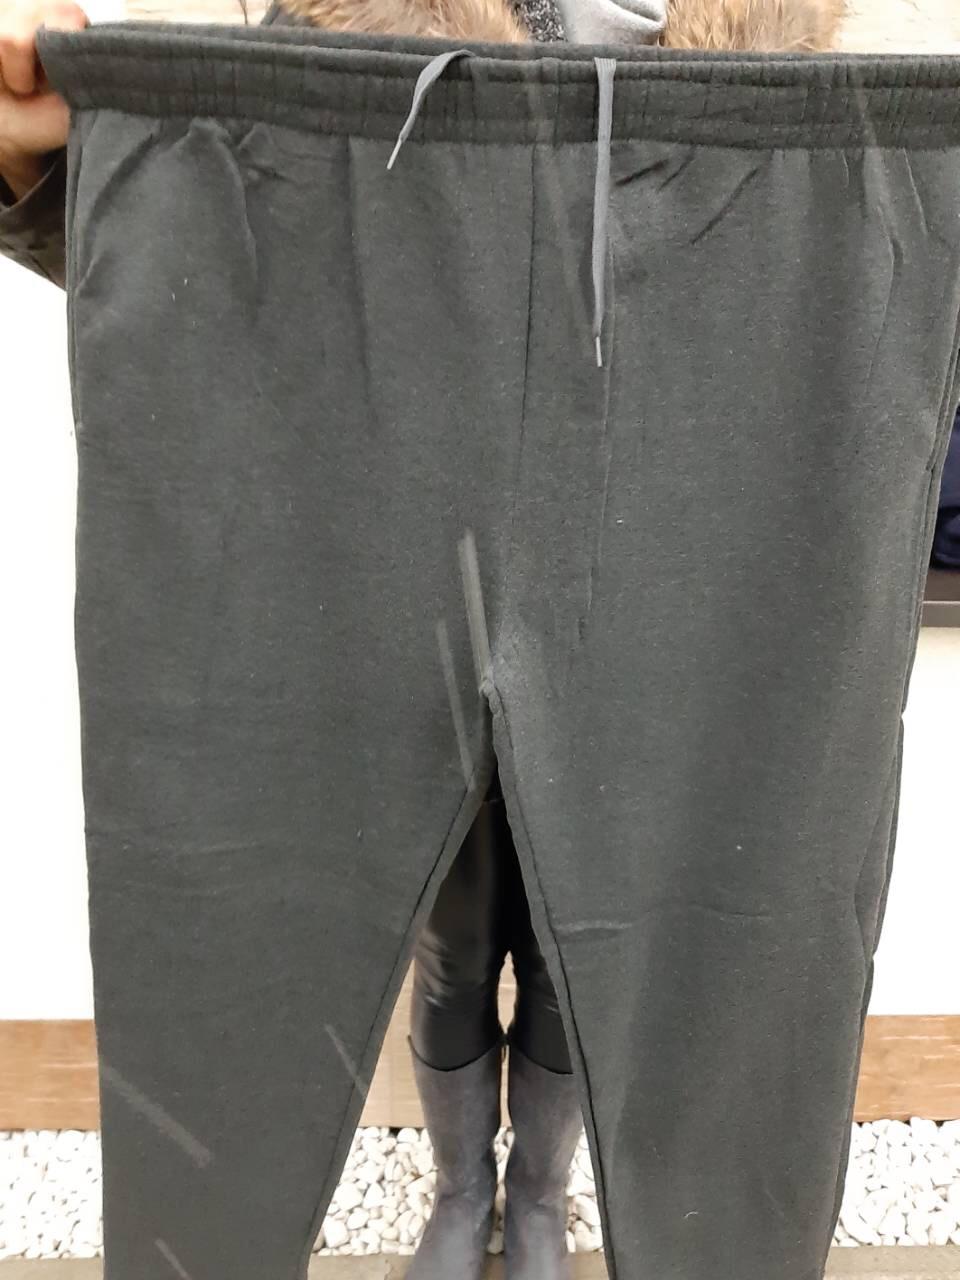 0c5c51401e679 Pánske oblečenie | Zateplené pánske tepláky, väčšie veľkosti ...